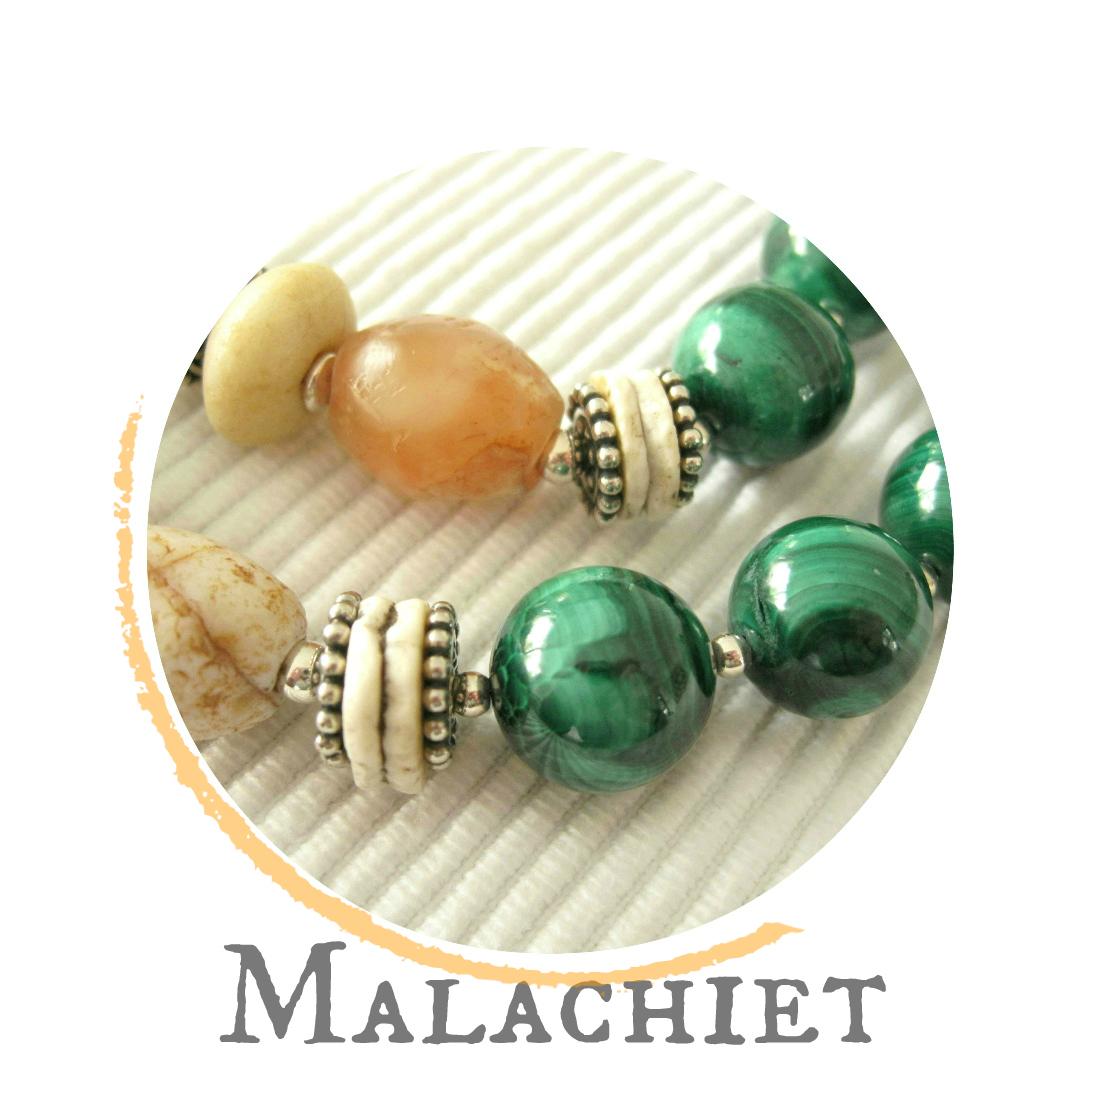 Malachiet - kleurrijke wereld sieraden